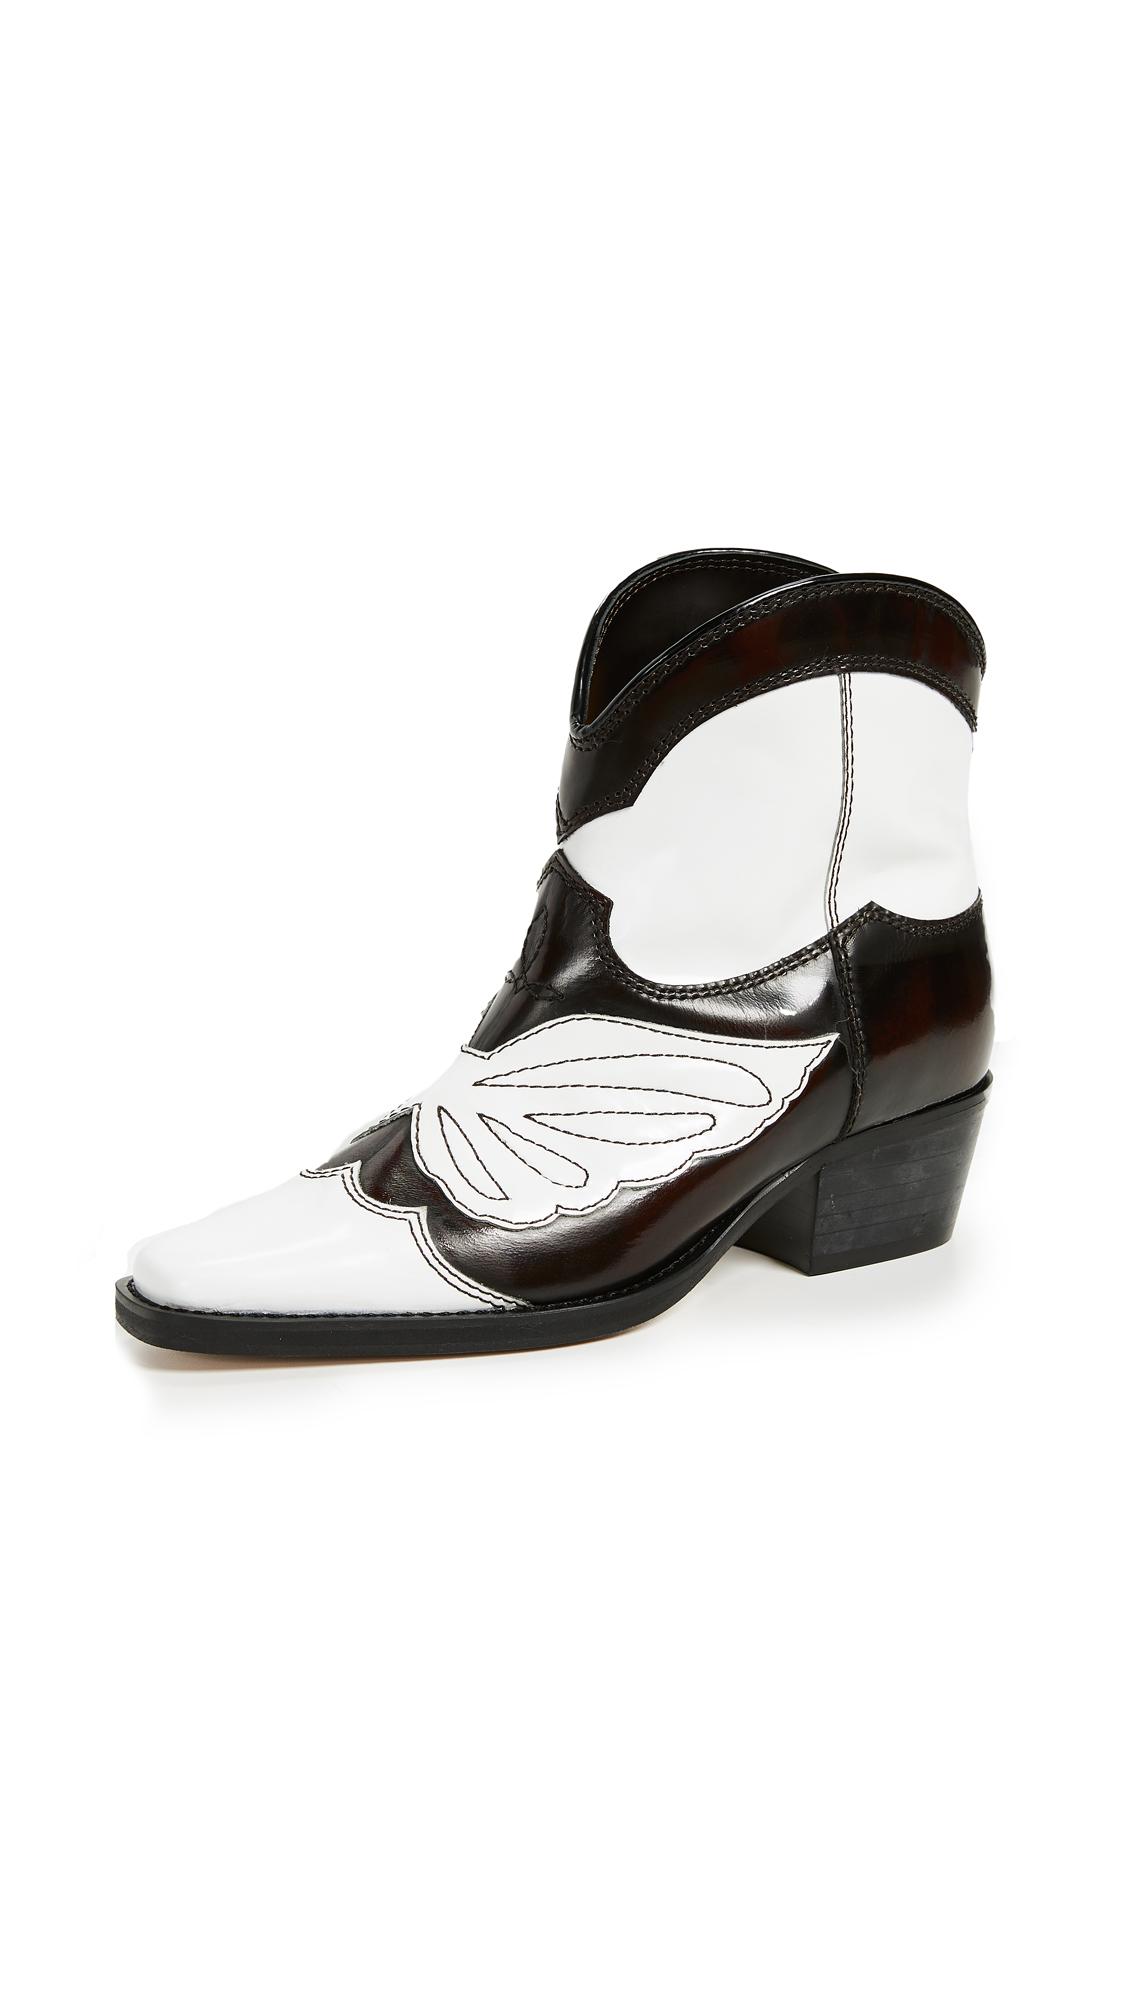 Ganni Meg Boots - Ganache